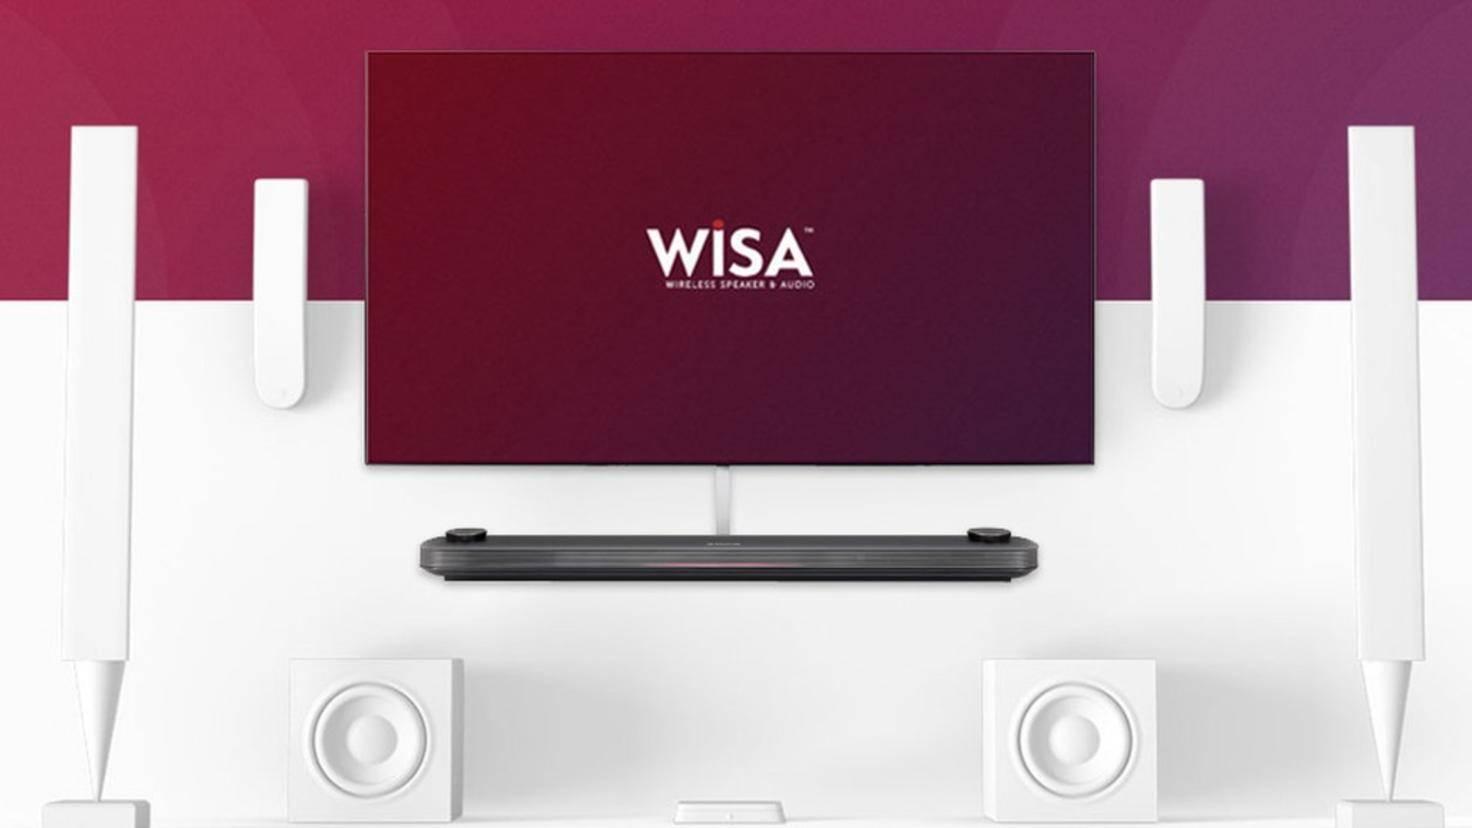 wisa-lg-oled-2019